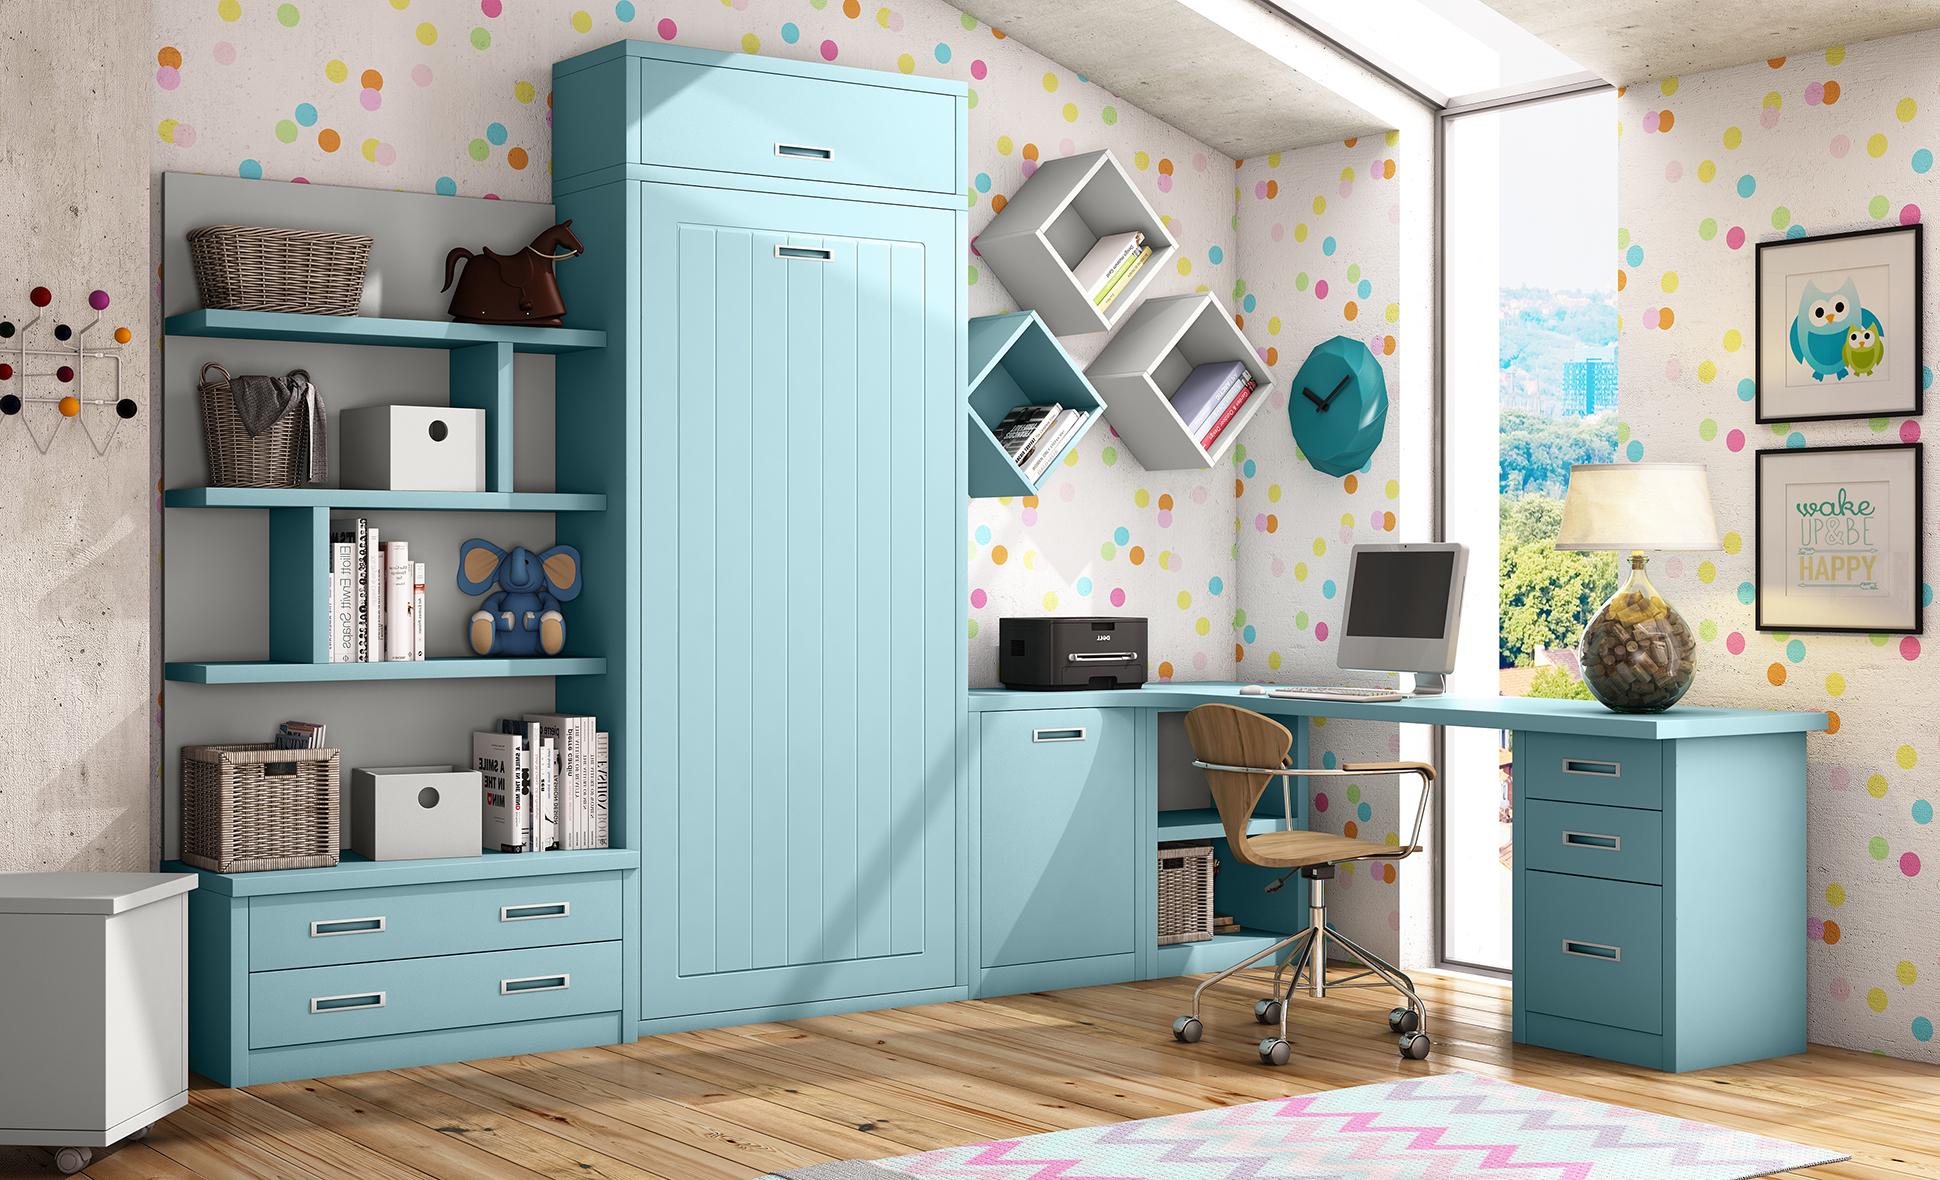 Dormitorio juvenil ilusi n en - Dormitorios juveniles el mueble ...